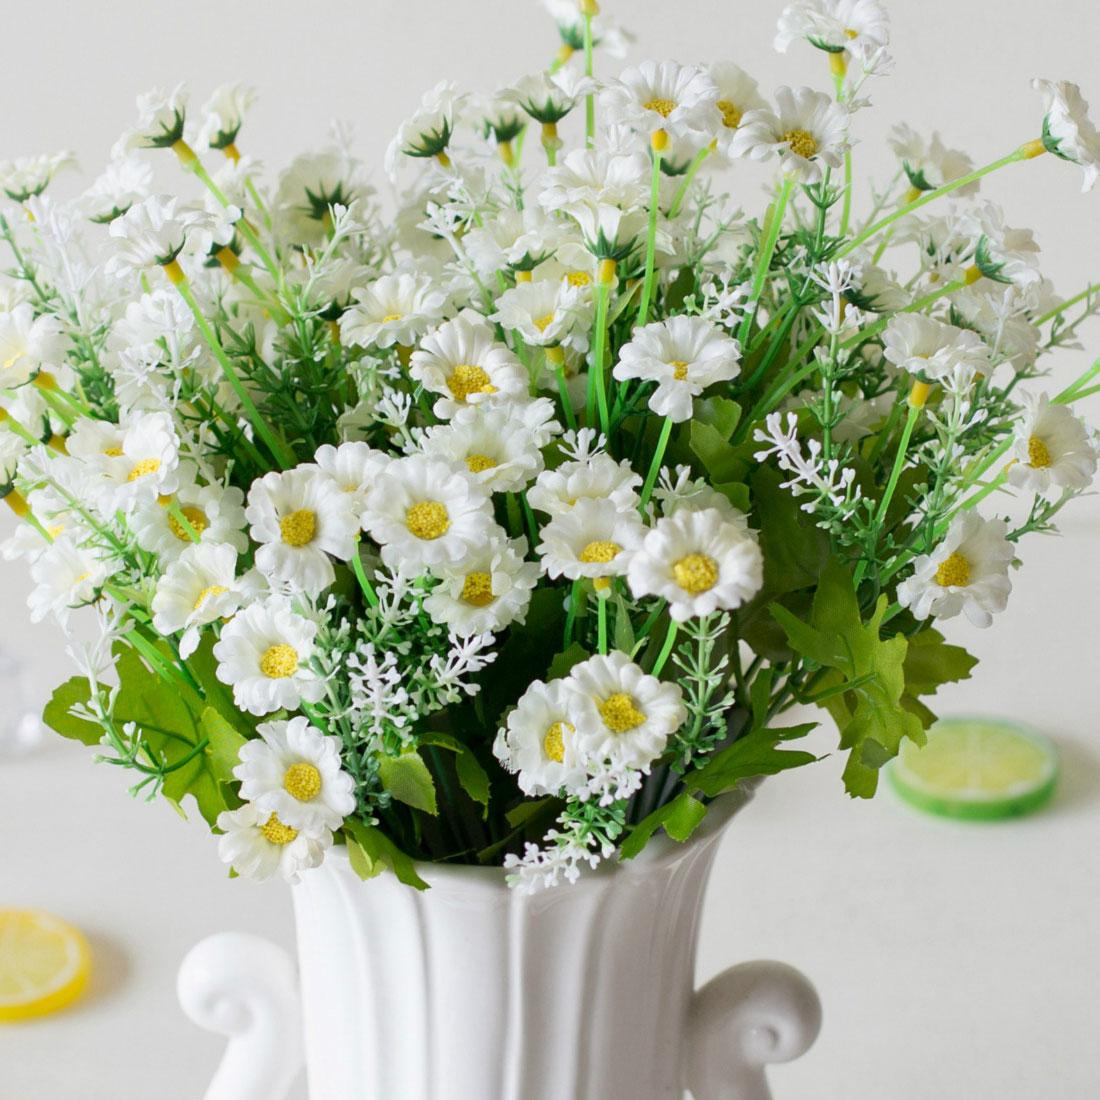 Practical 28 Heads Spring Daisy Flowers Artificial Flower Gerbera